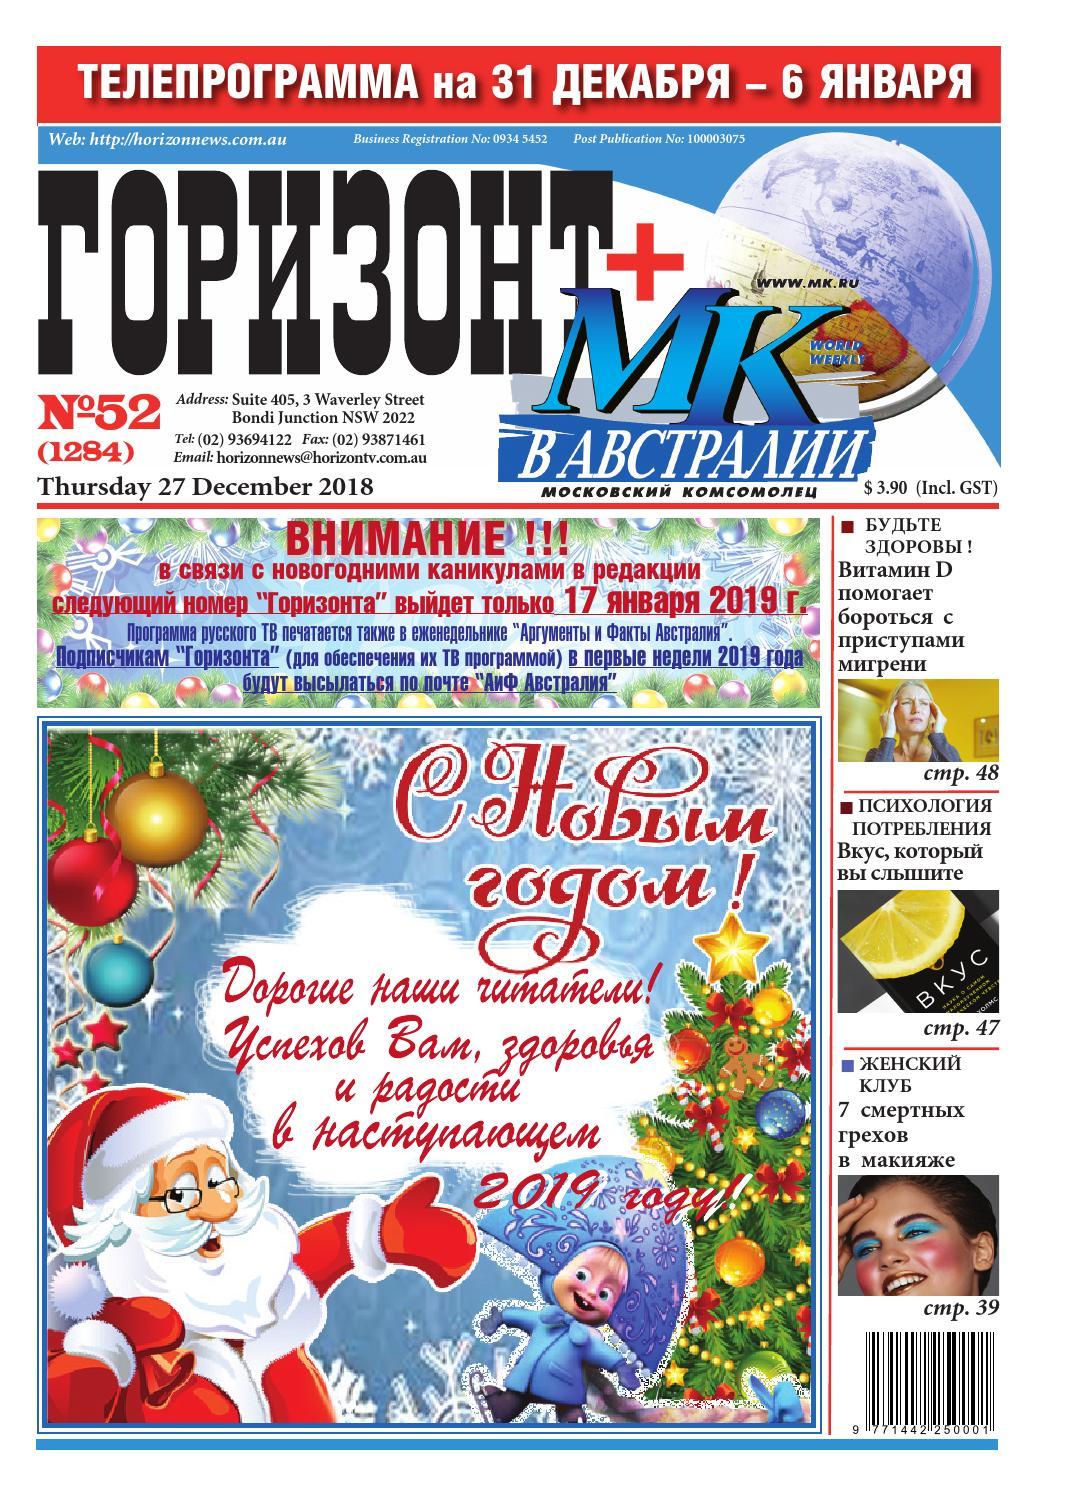 Аиф № 11 by horizon media group issuu.